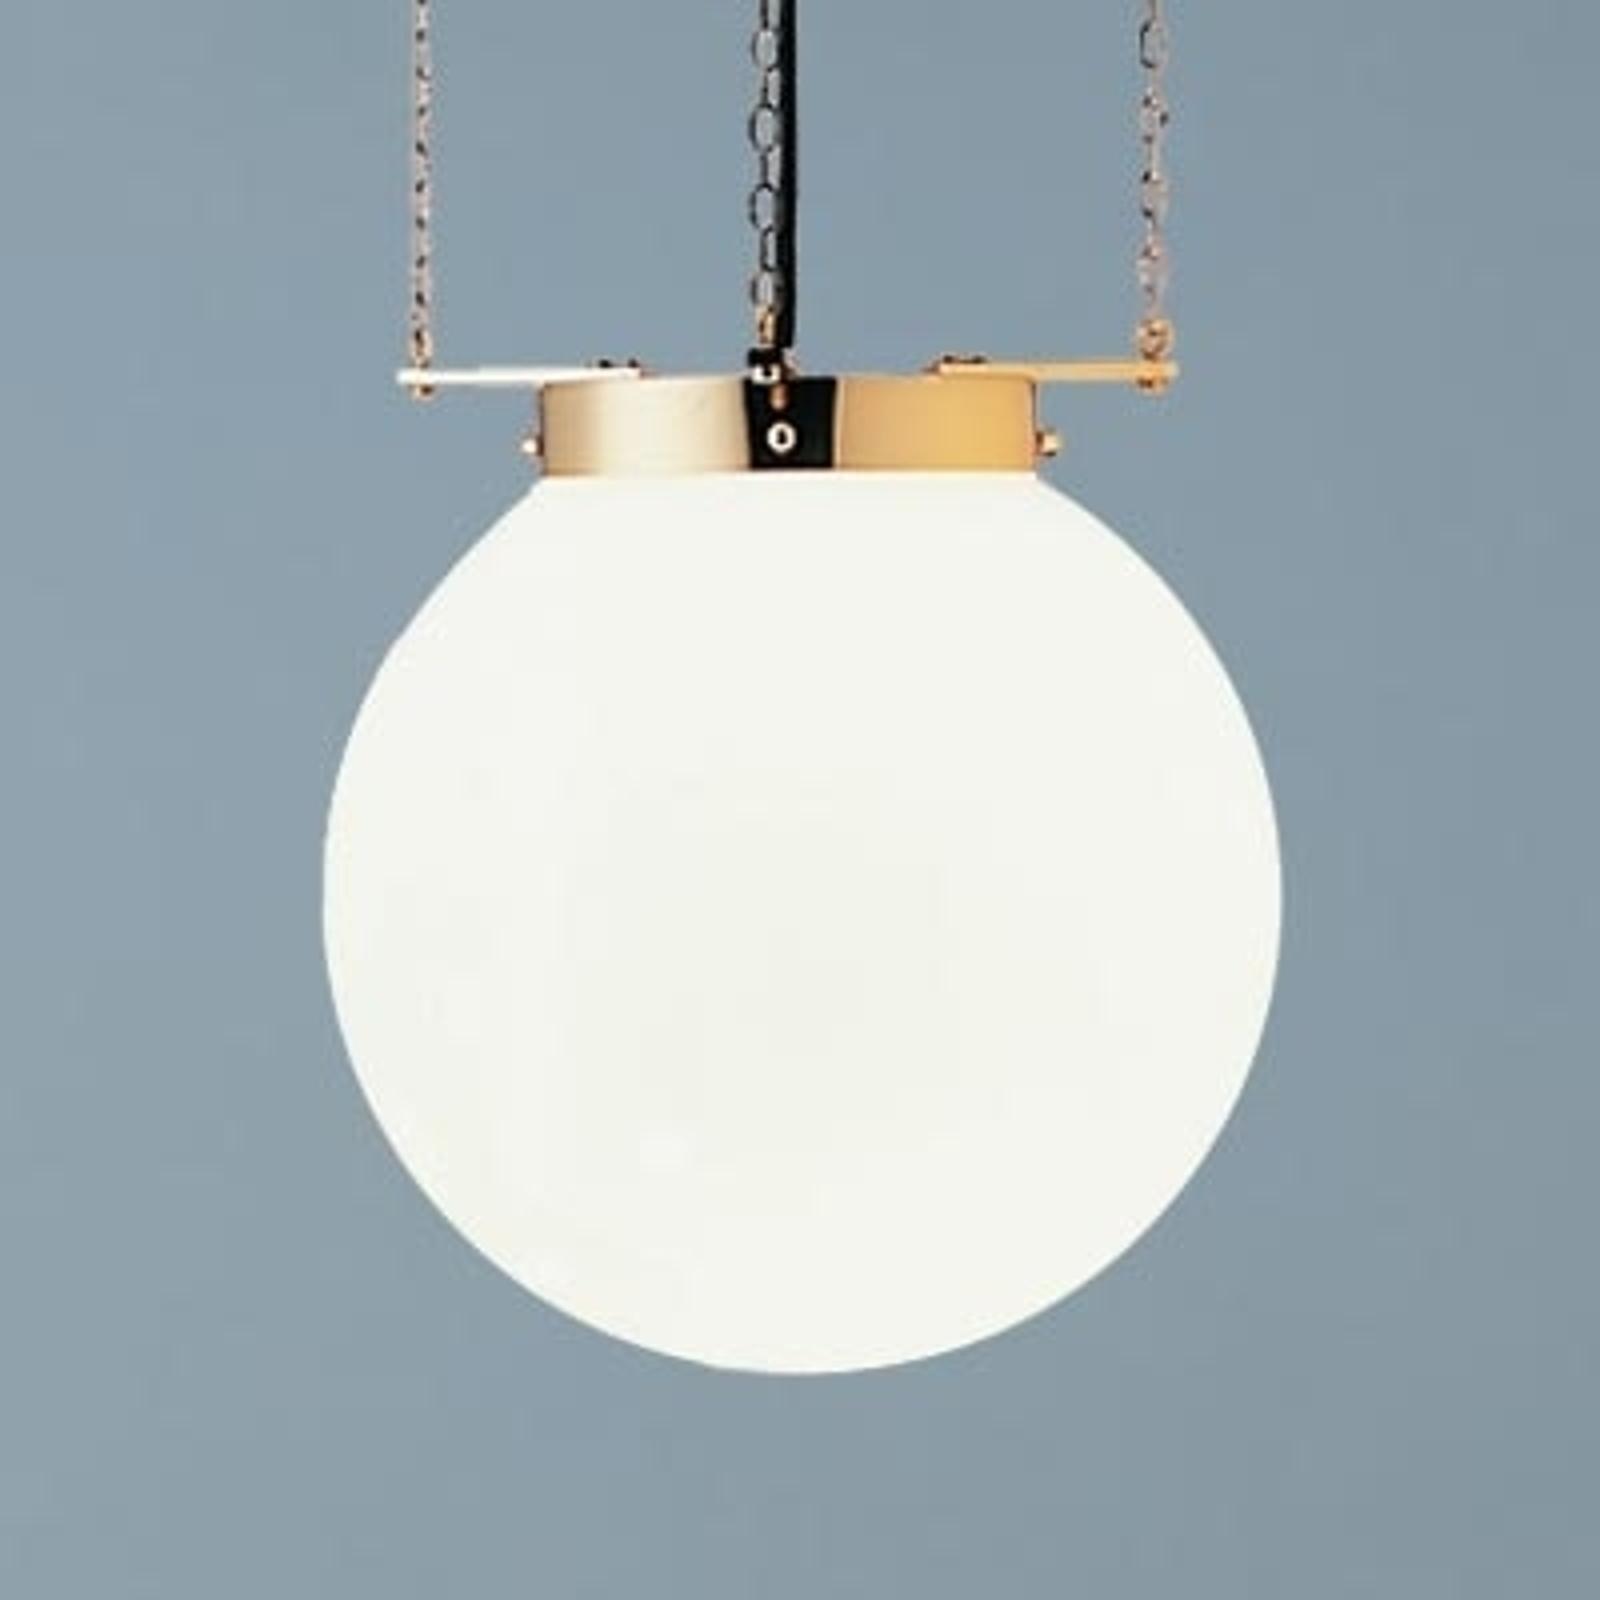 Lampa wisząca w stylu Bauhaus mosiądz 25 cm